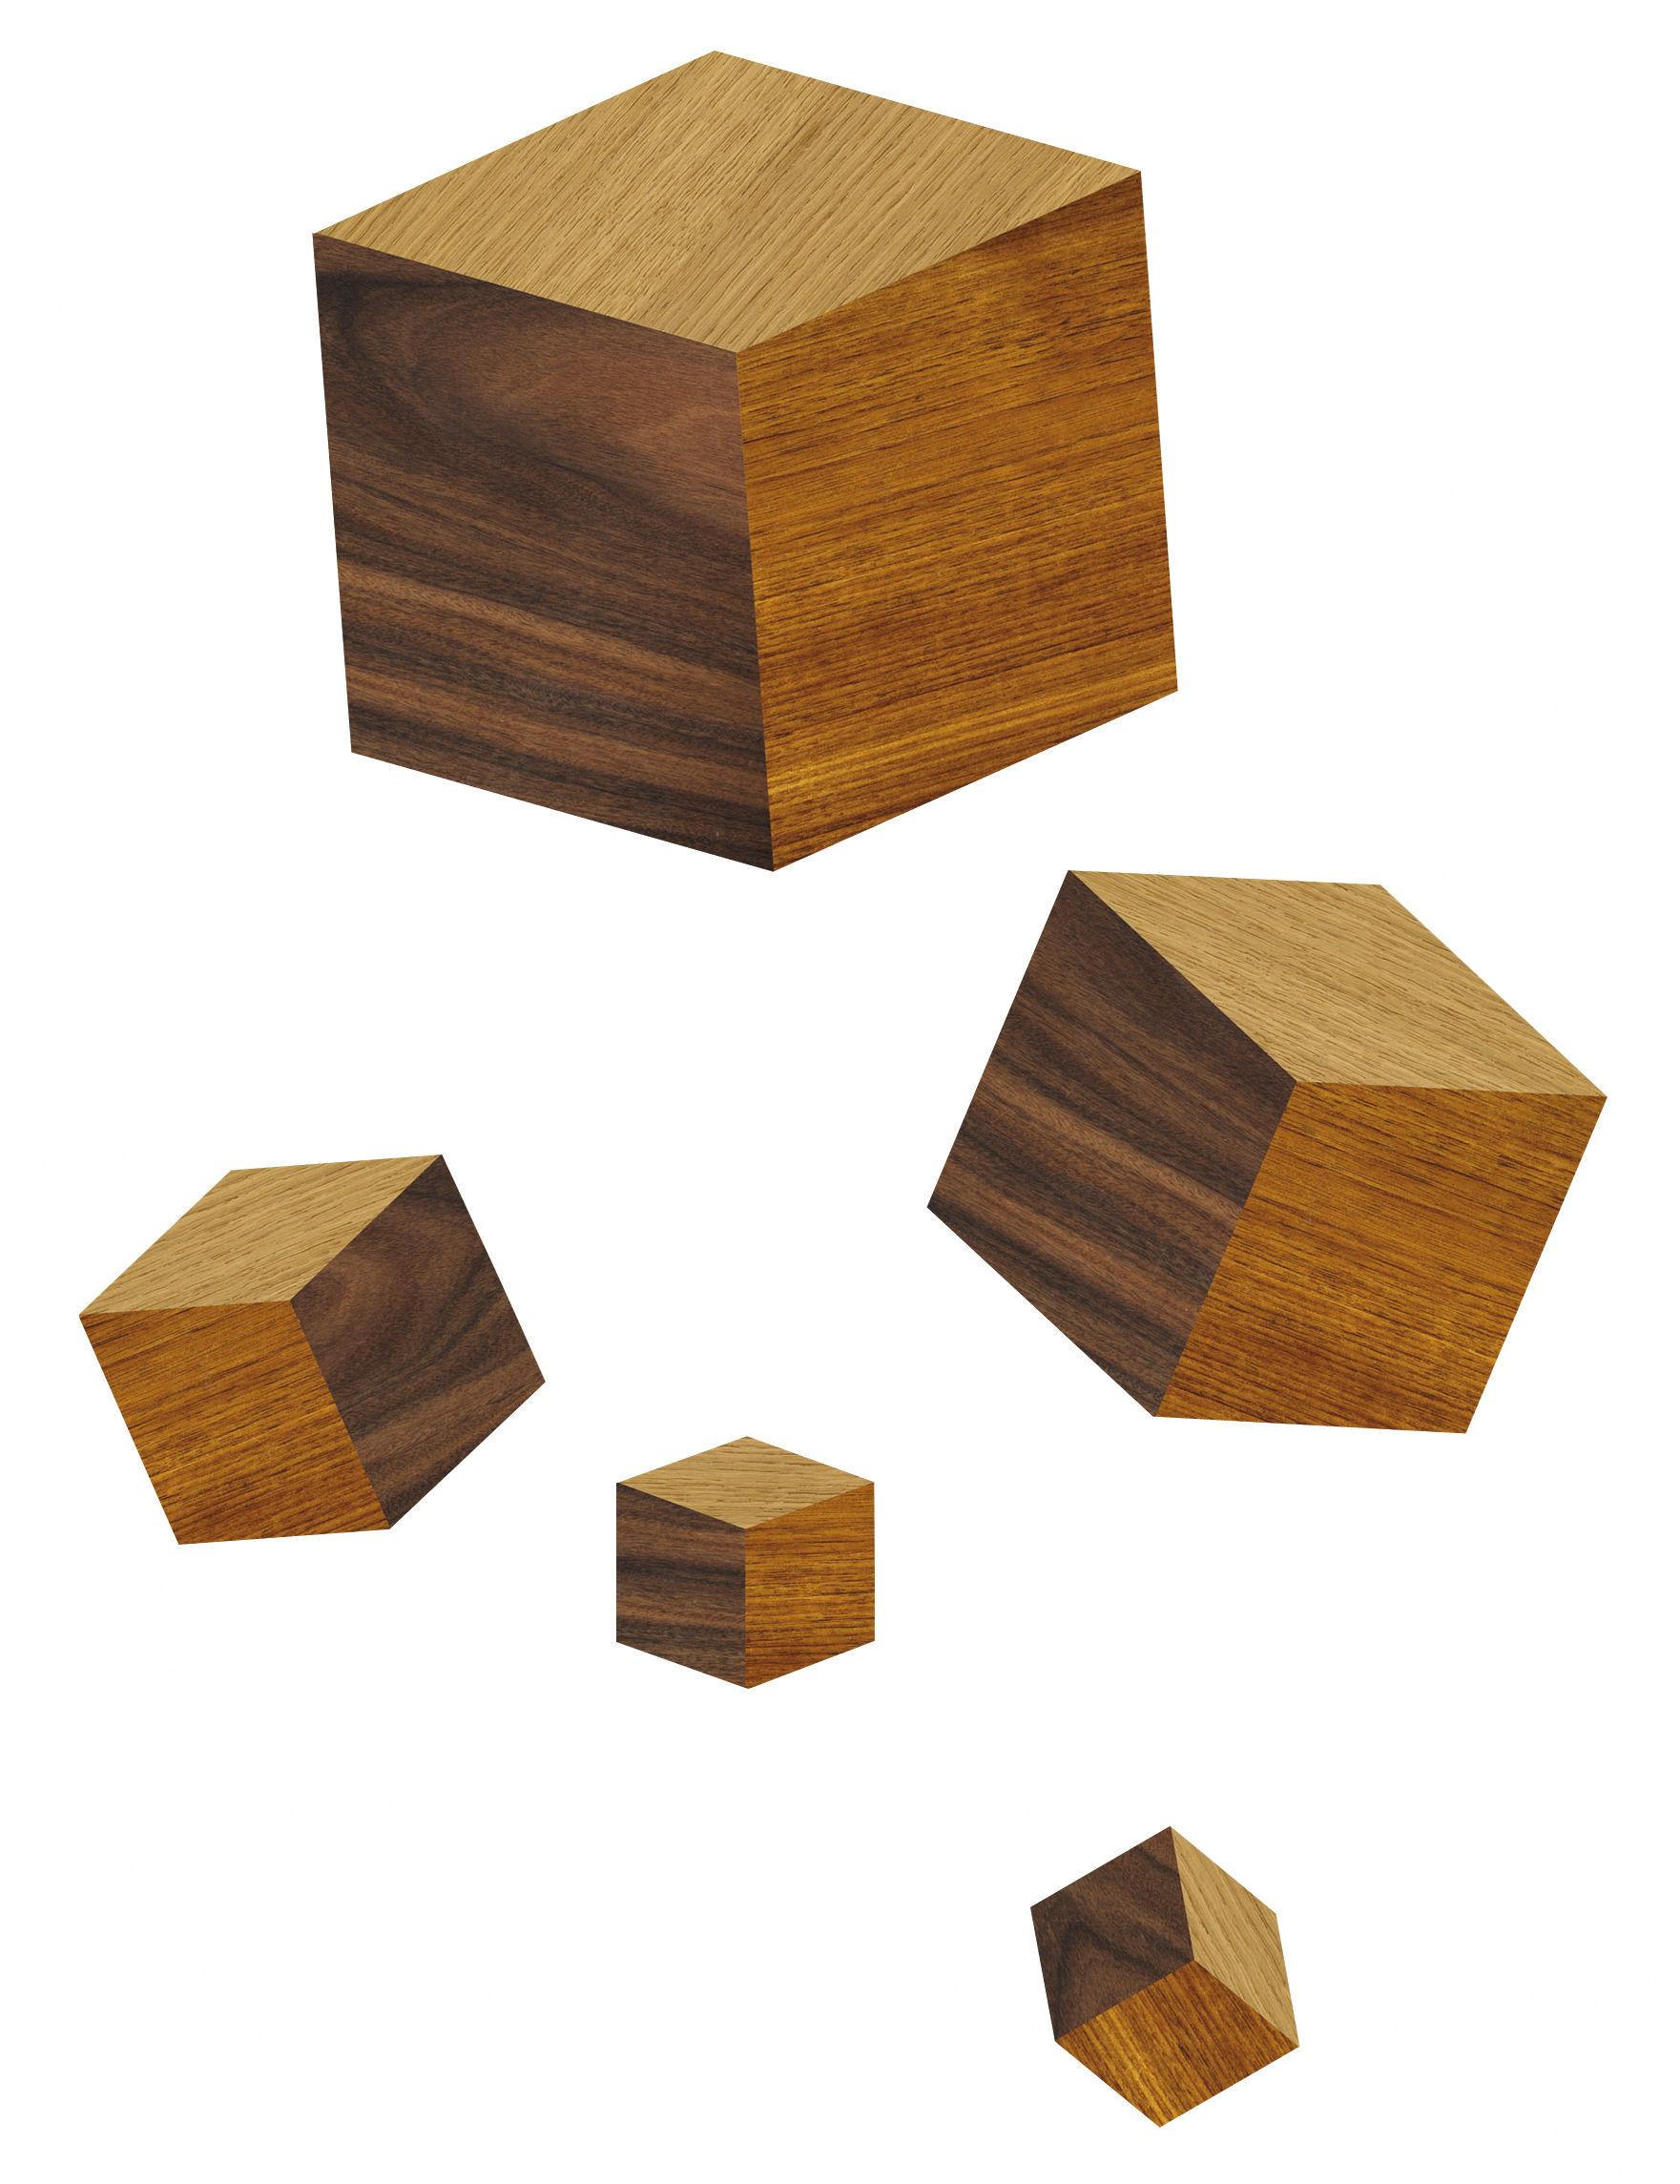 Dekoration - Stickers und Tapeten - Touche du bois/cubes Sticker - Domestic - Holz - Vinyl